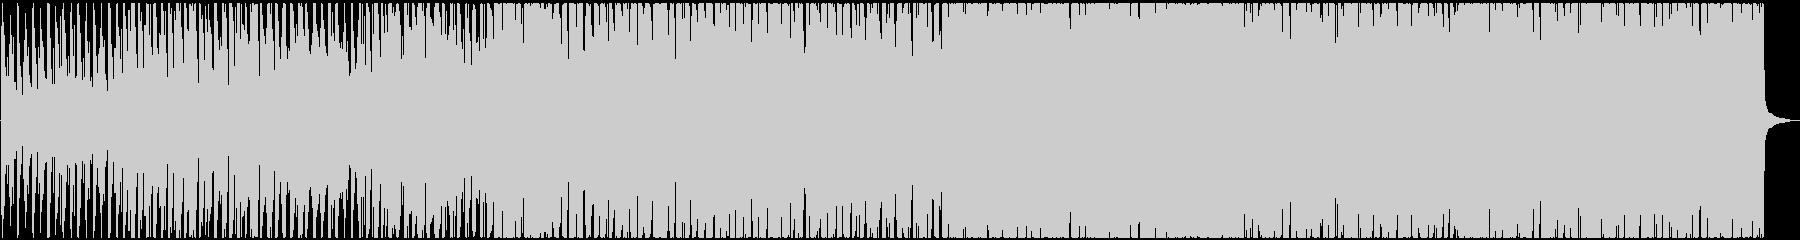 シンセを使用したラテン音楽。の未再生の波形